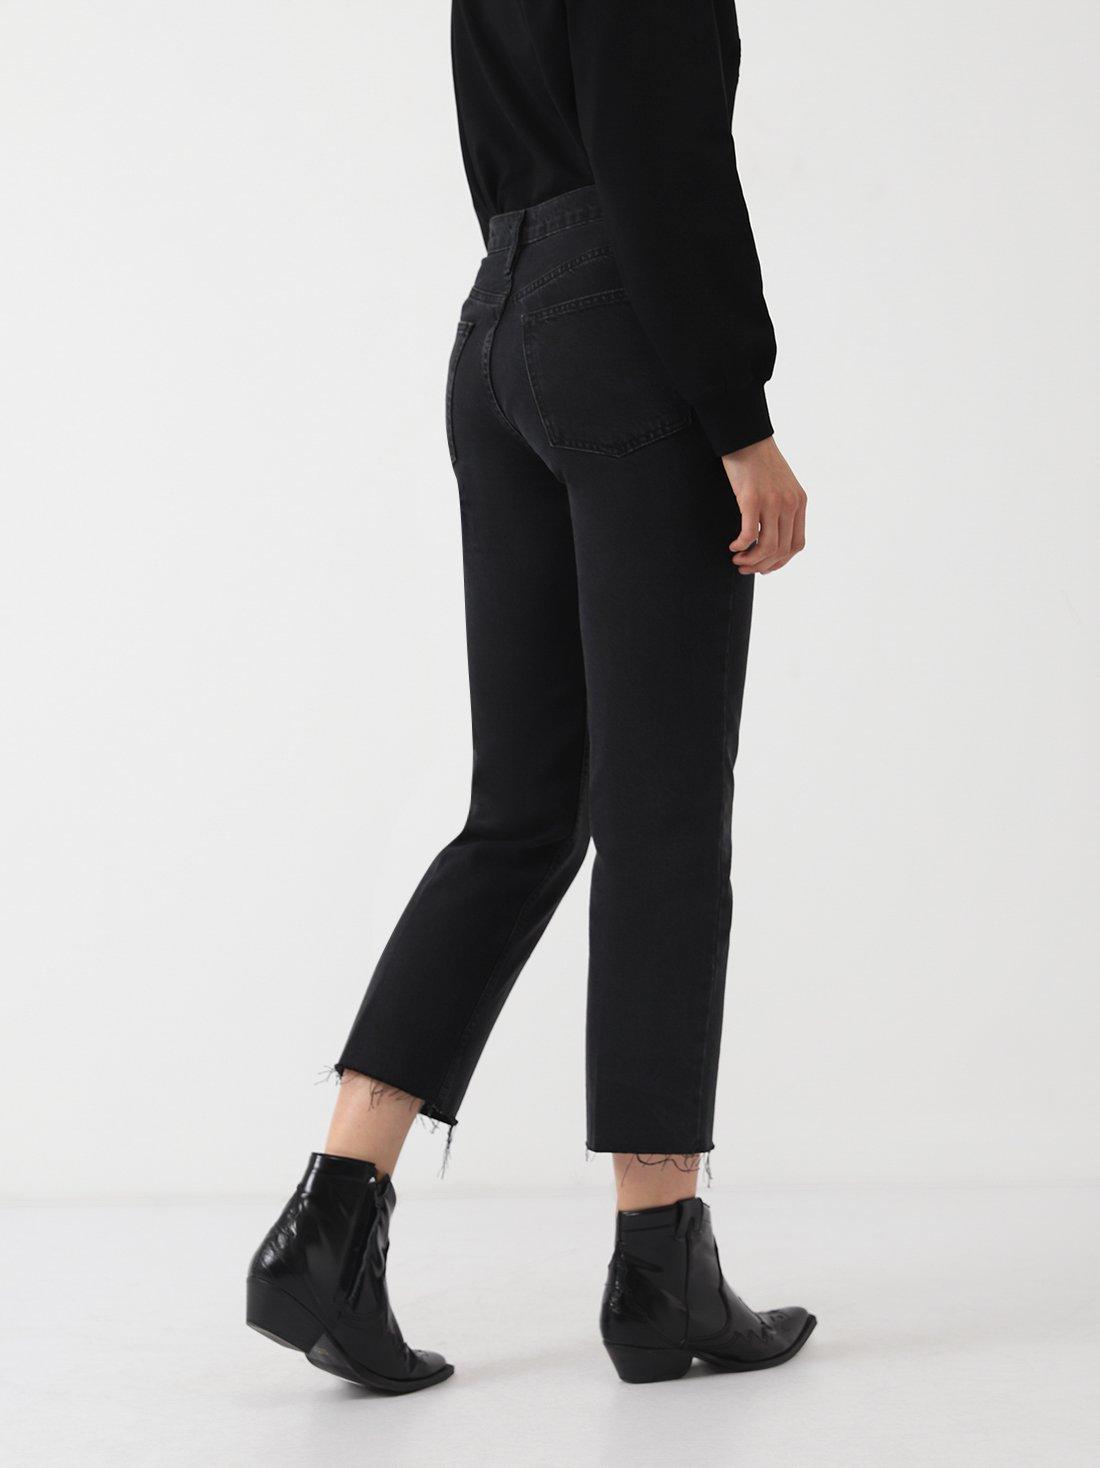 Прямые джинсы с необработанным краем низа